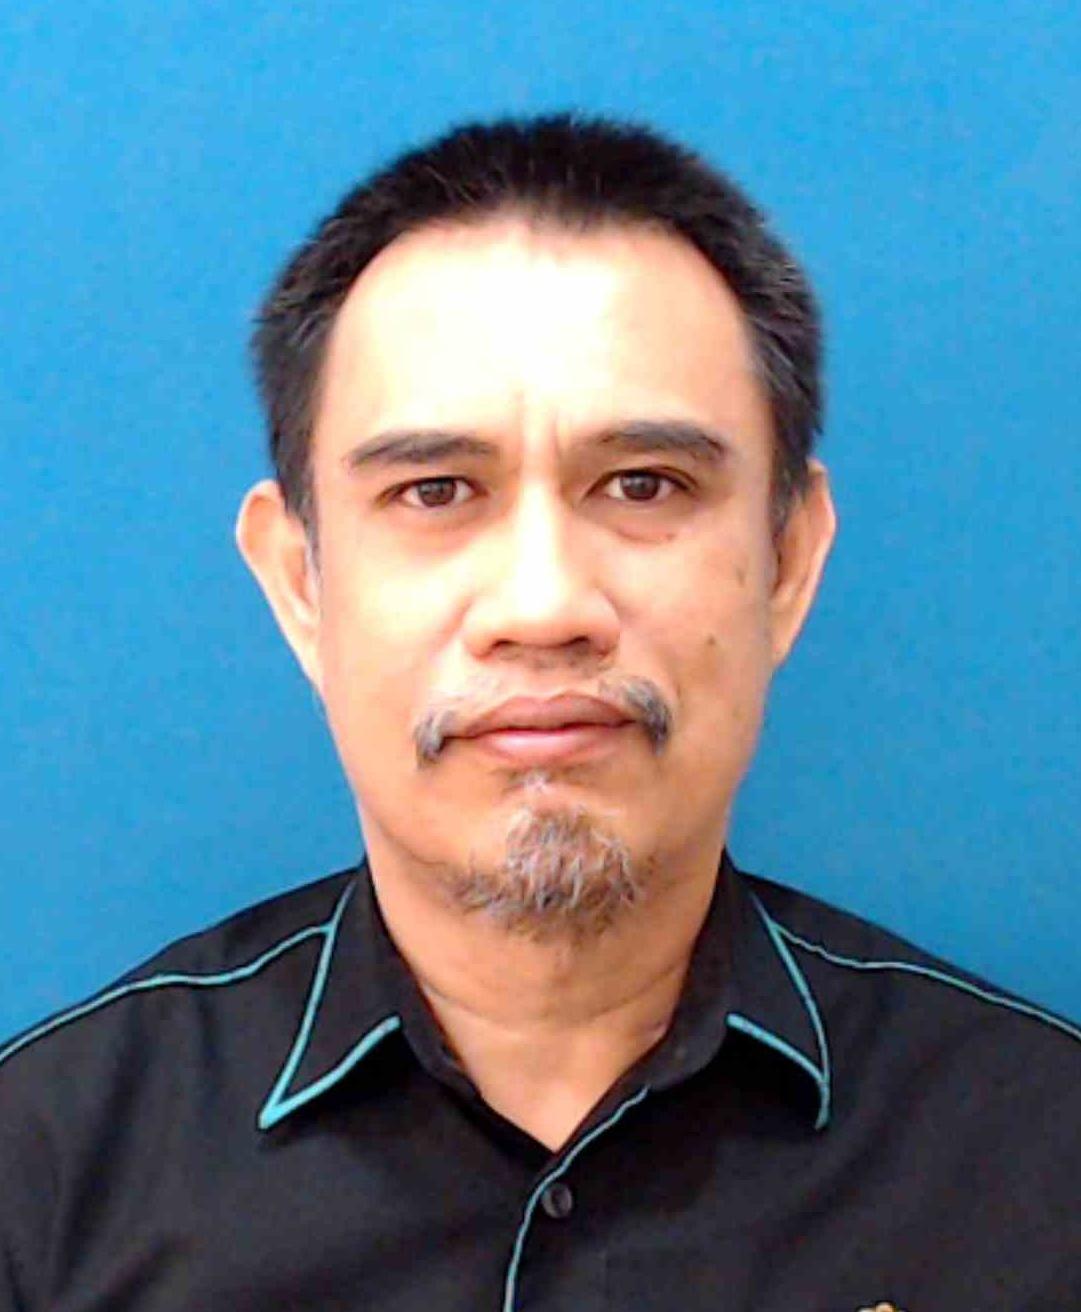 Muzamir Bin Azmi